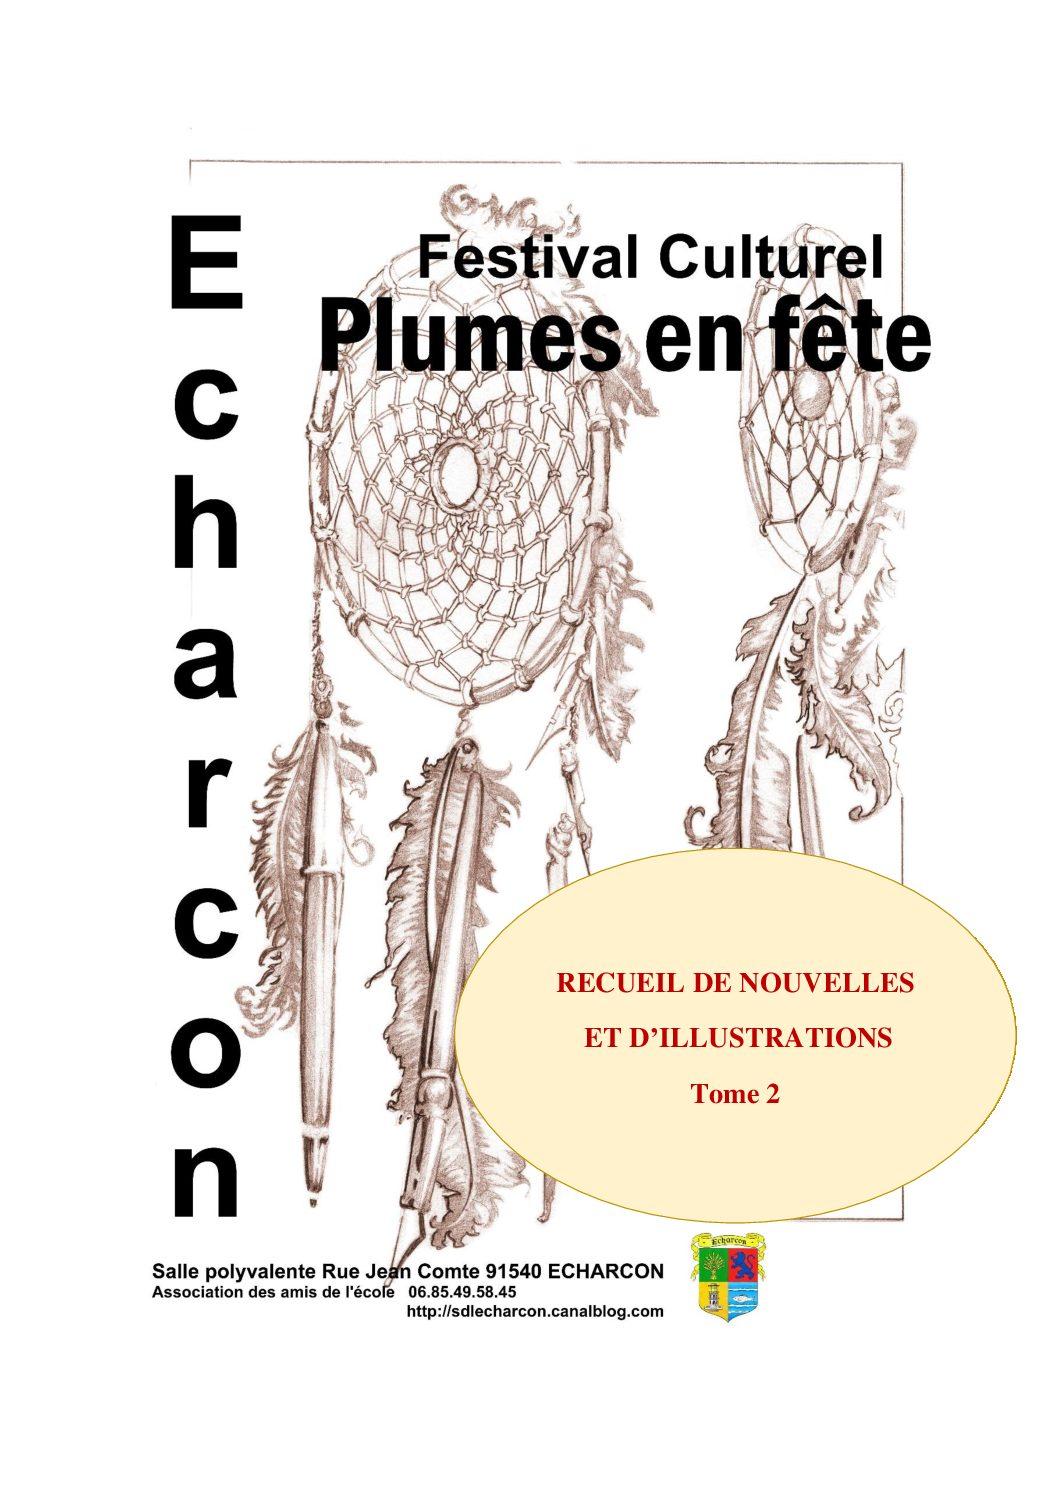 Recueil de Nouvelles et Illustrations Festival Culturel Plumes en Fête – Tome 2